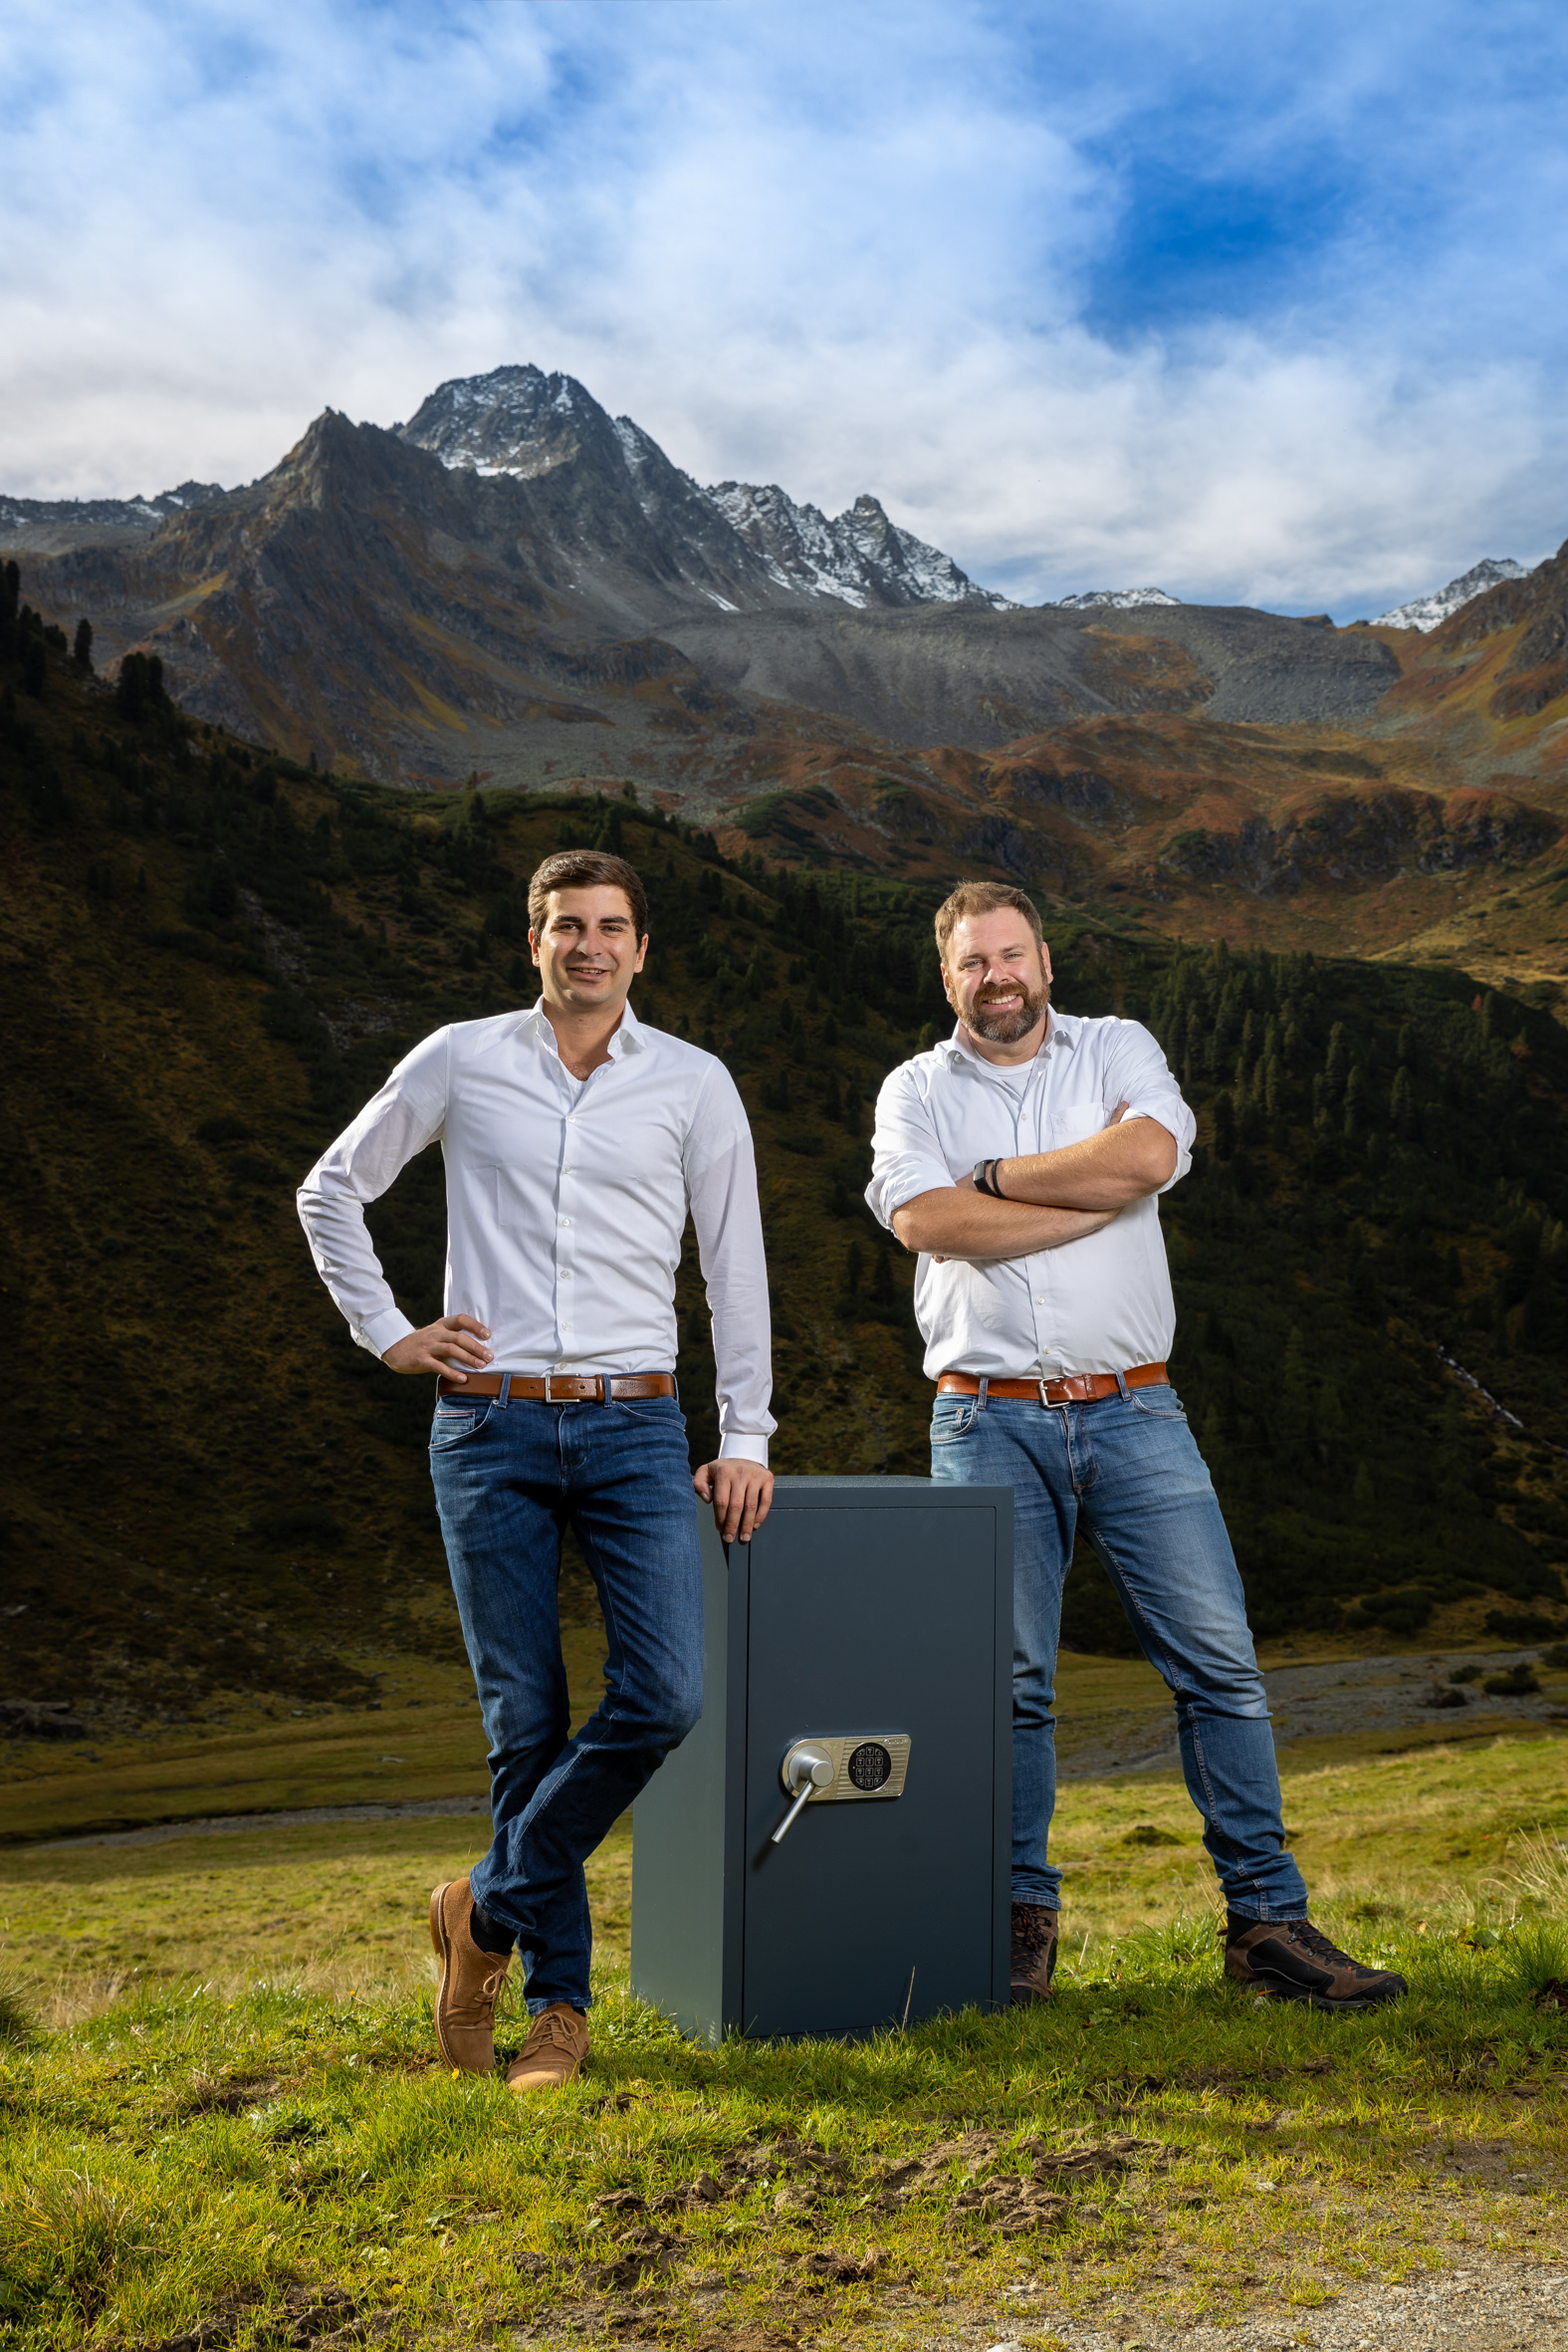 Secureo übernimmt auch Sonderaufträge wie die Lieferung eines zwei Tonnen schweren Tresors auf die Färöer Inseln oder die Montage eines Schließsystems auf einer 2.200 Meter hoch gelegenen Alm.